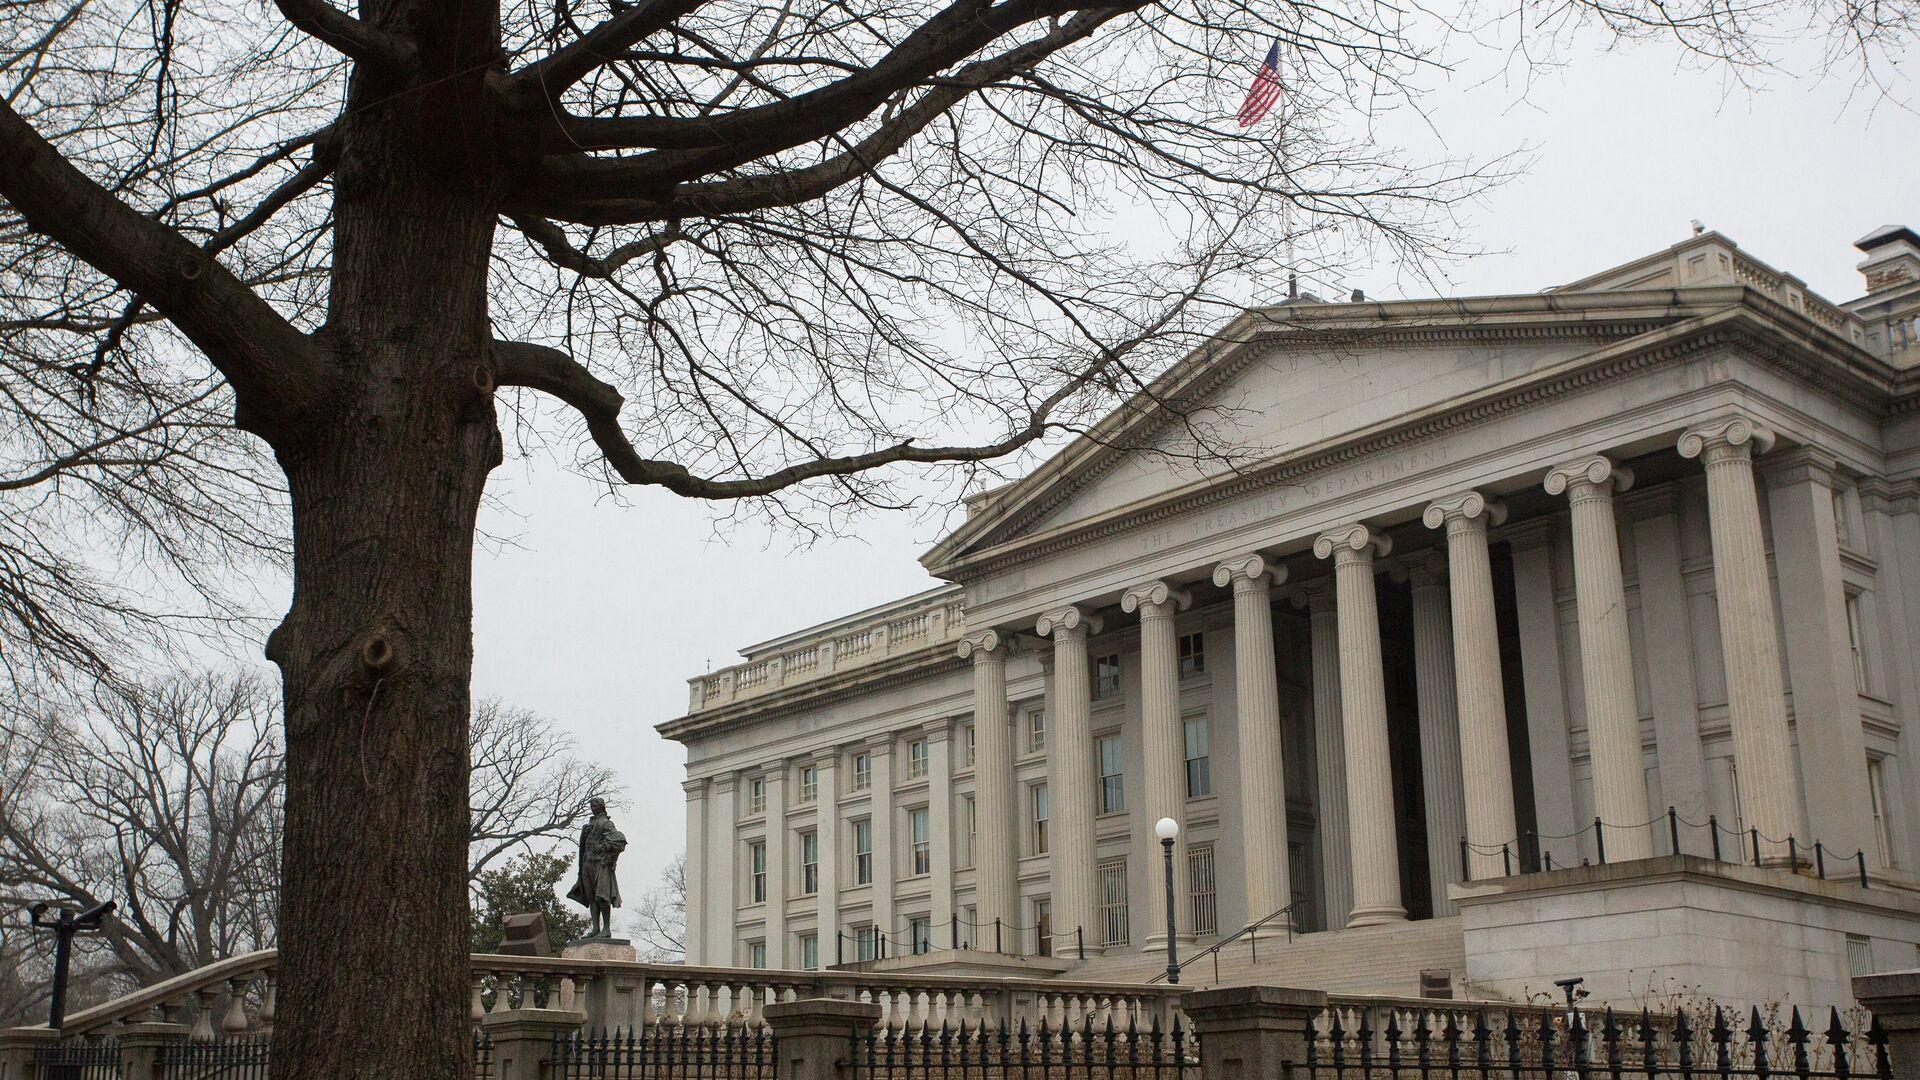 Министерство финансов США в Вашингтоне - РИА Новости, 1920, 10.12.2020